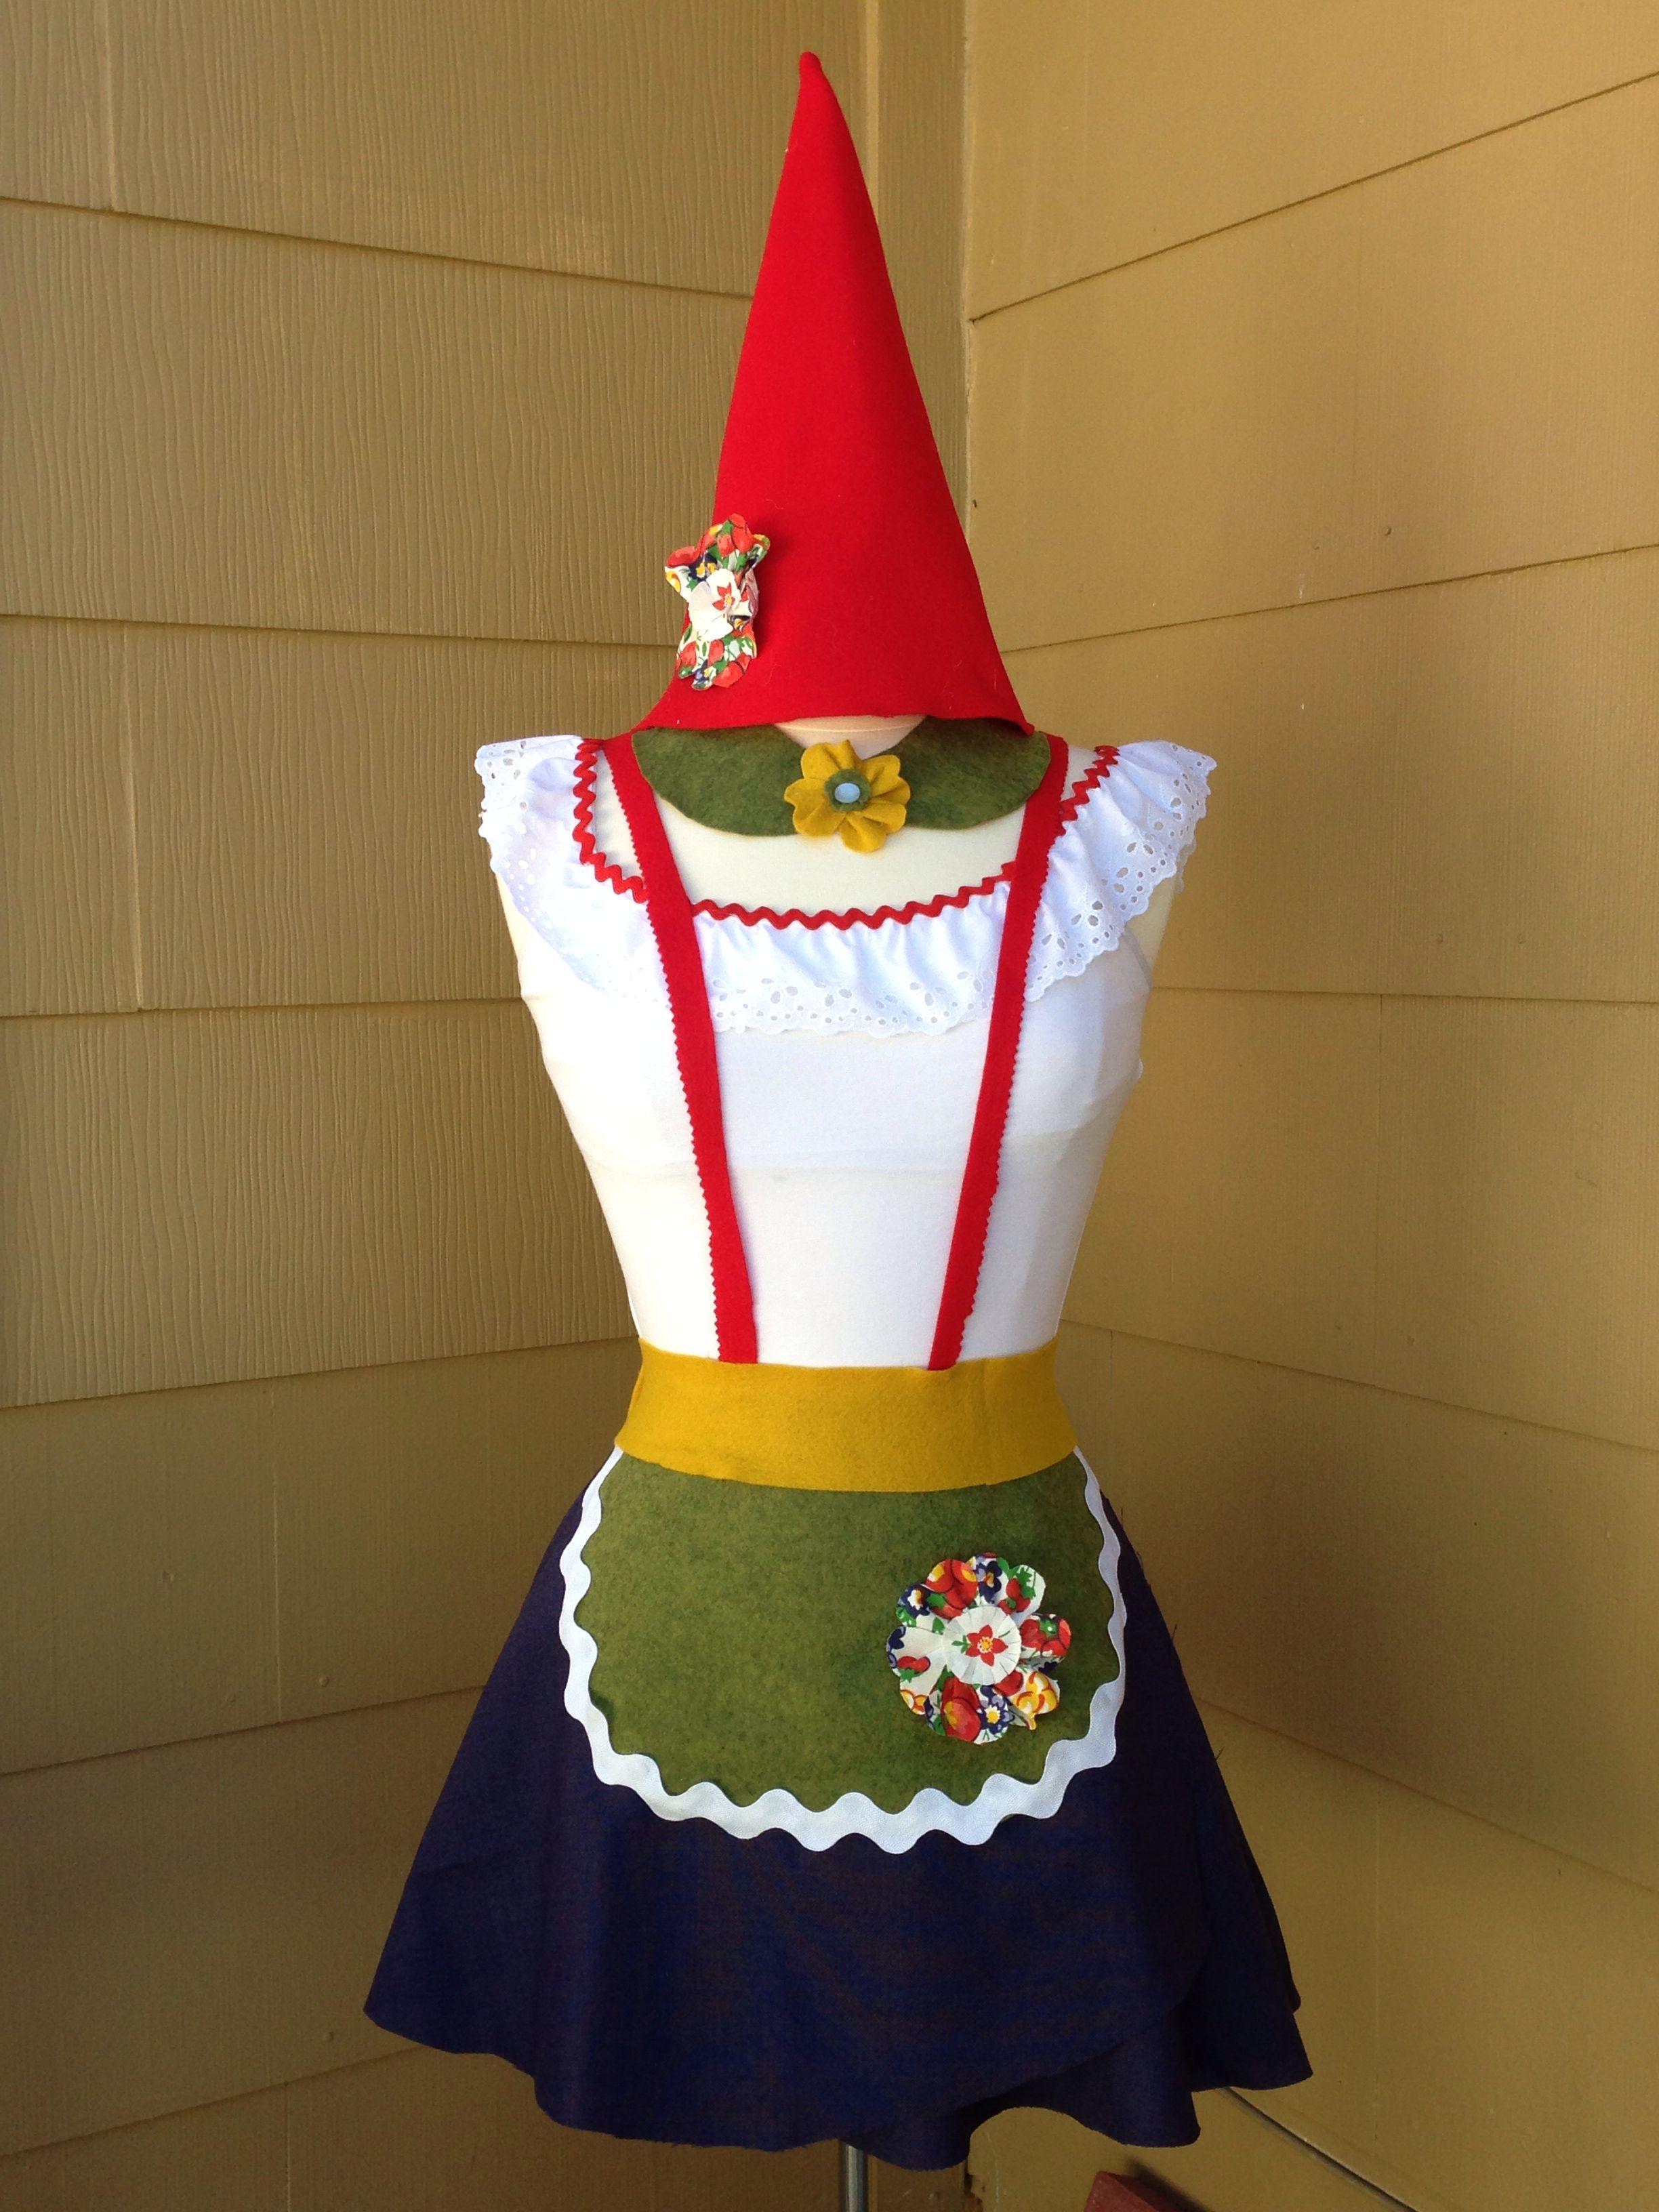 My homemade gnome costume